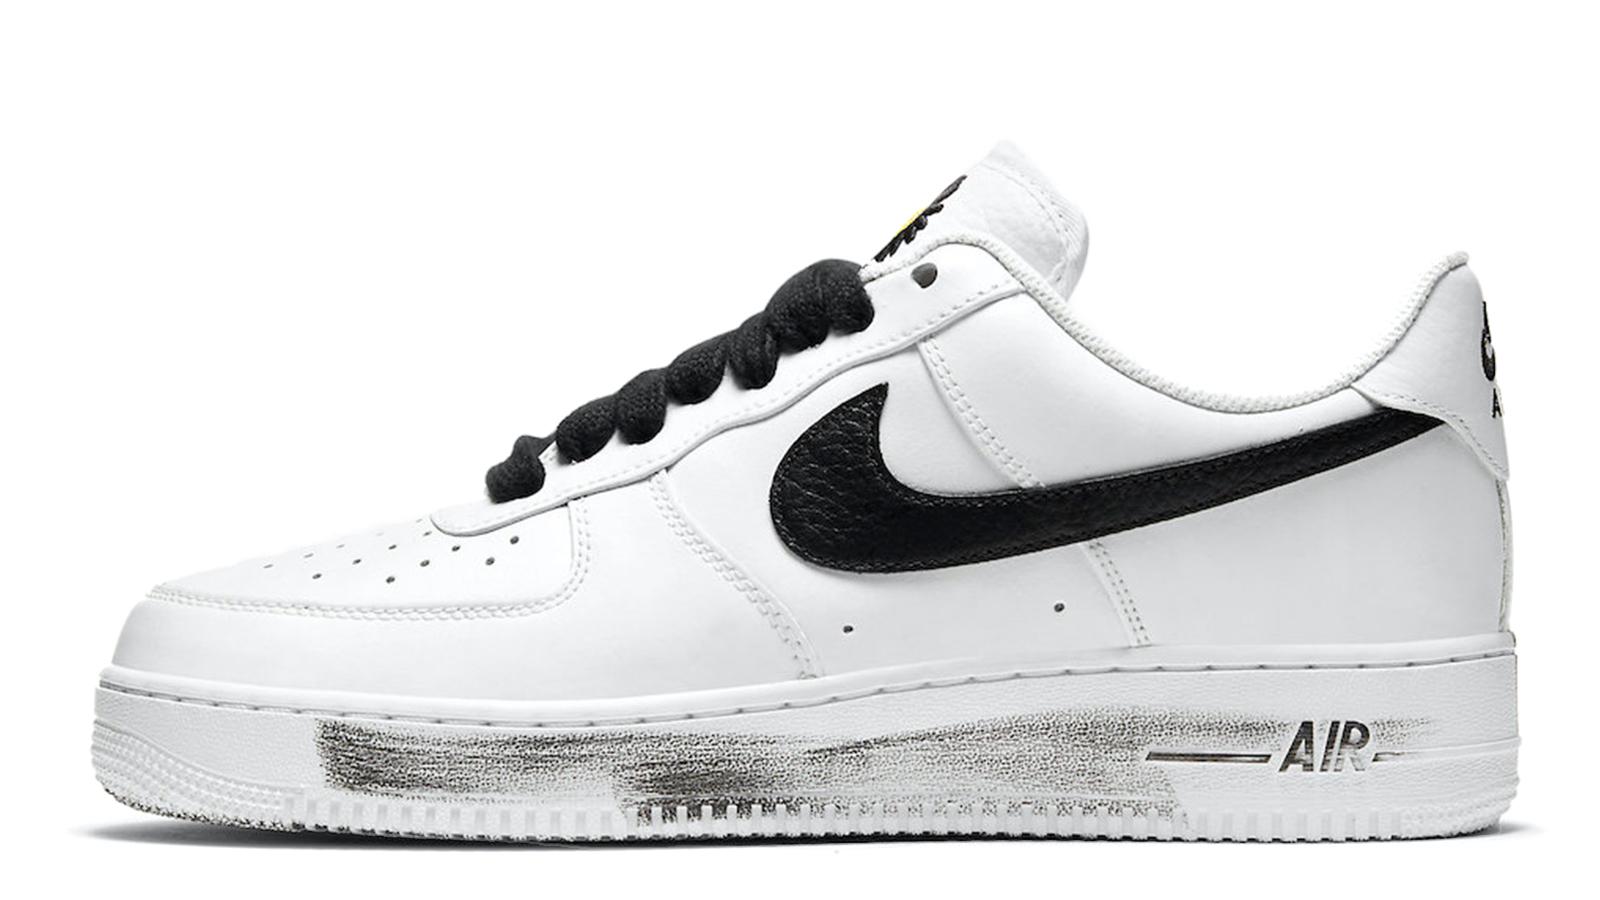 PEACEMINUSONE x Nike Air Force 1 Para Noise 2.0 DD3223-100